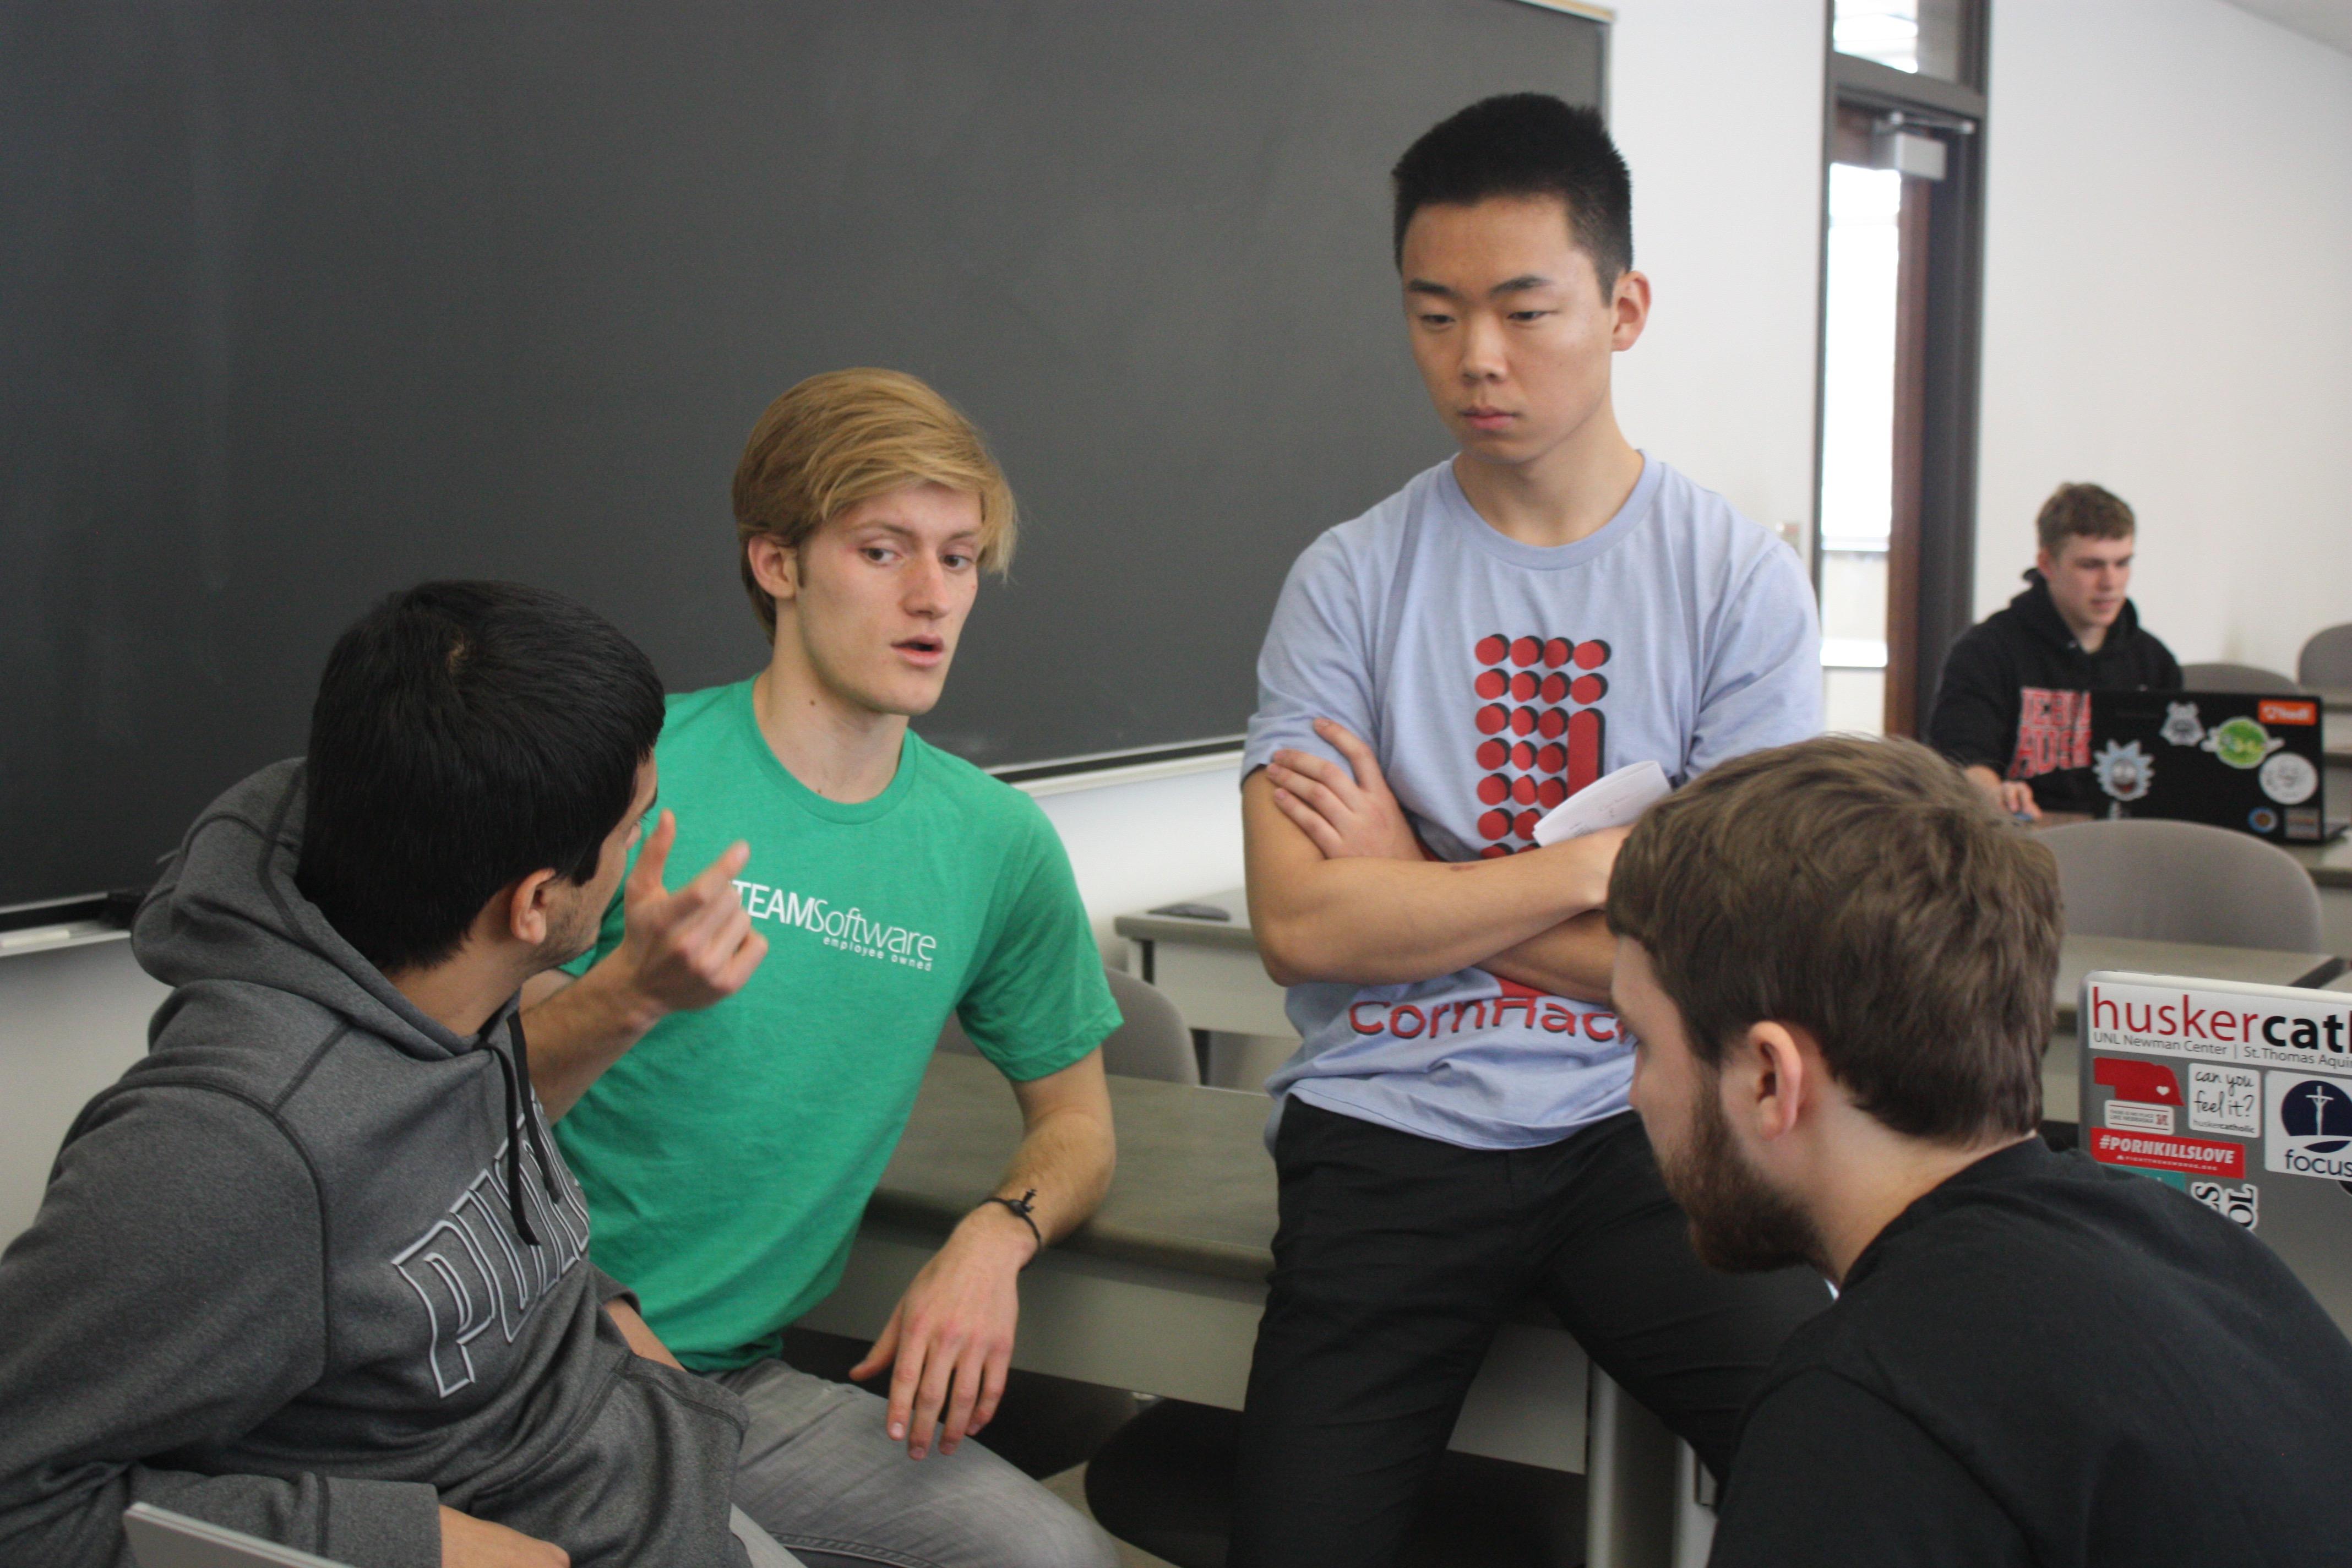 Students at the 2017 CornHacks hackathon.